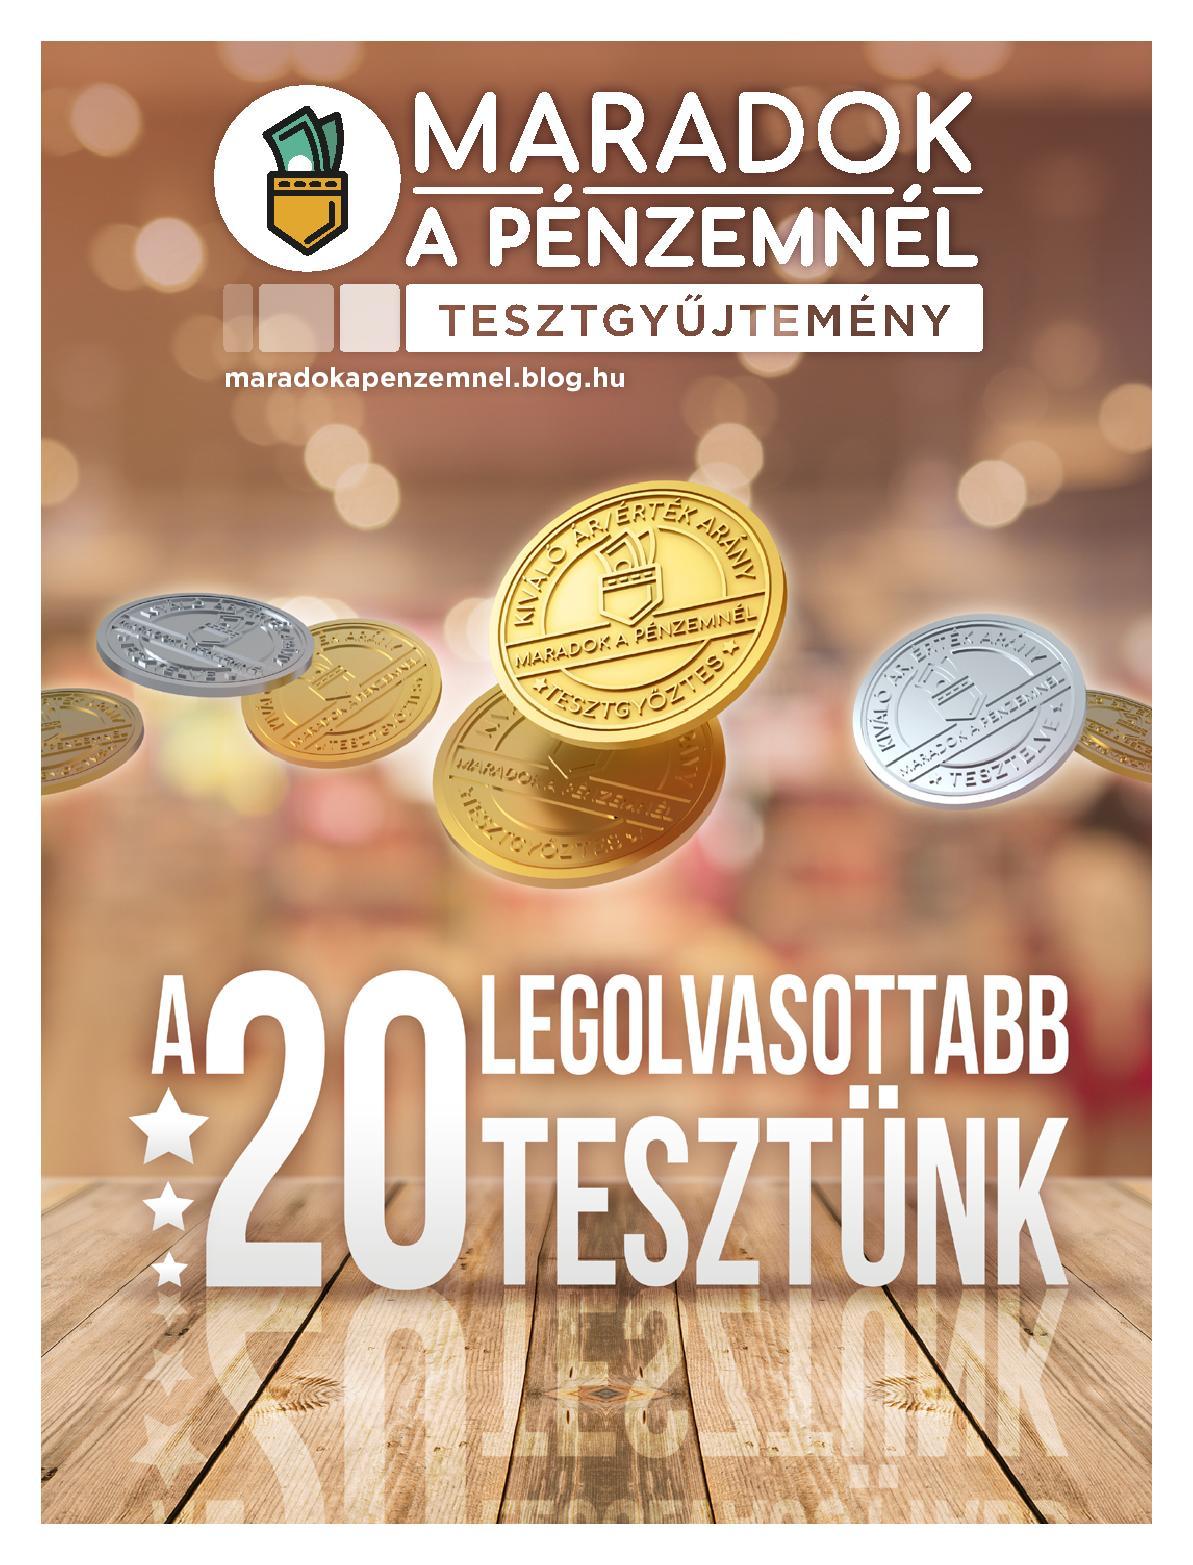 top_20_legolvasottabb_tesztunk_maradok_a_penzemnel-page-001_1.jpg